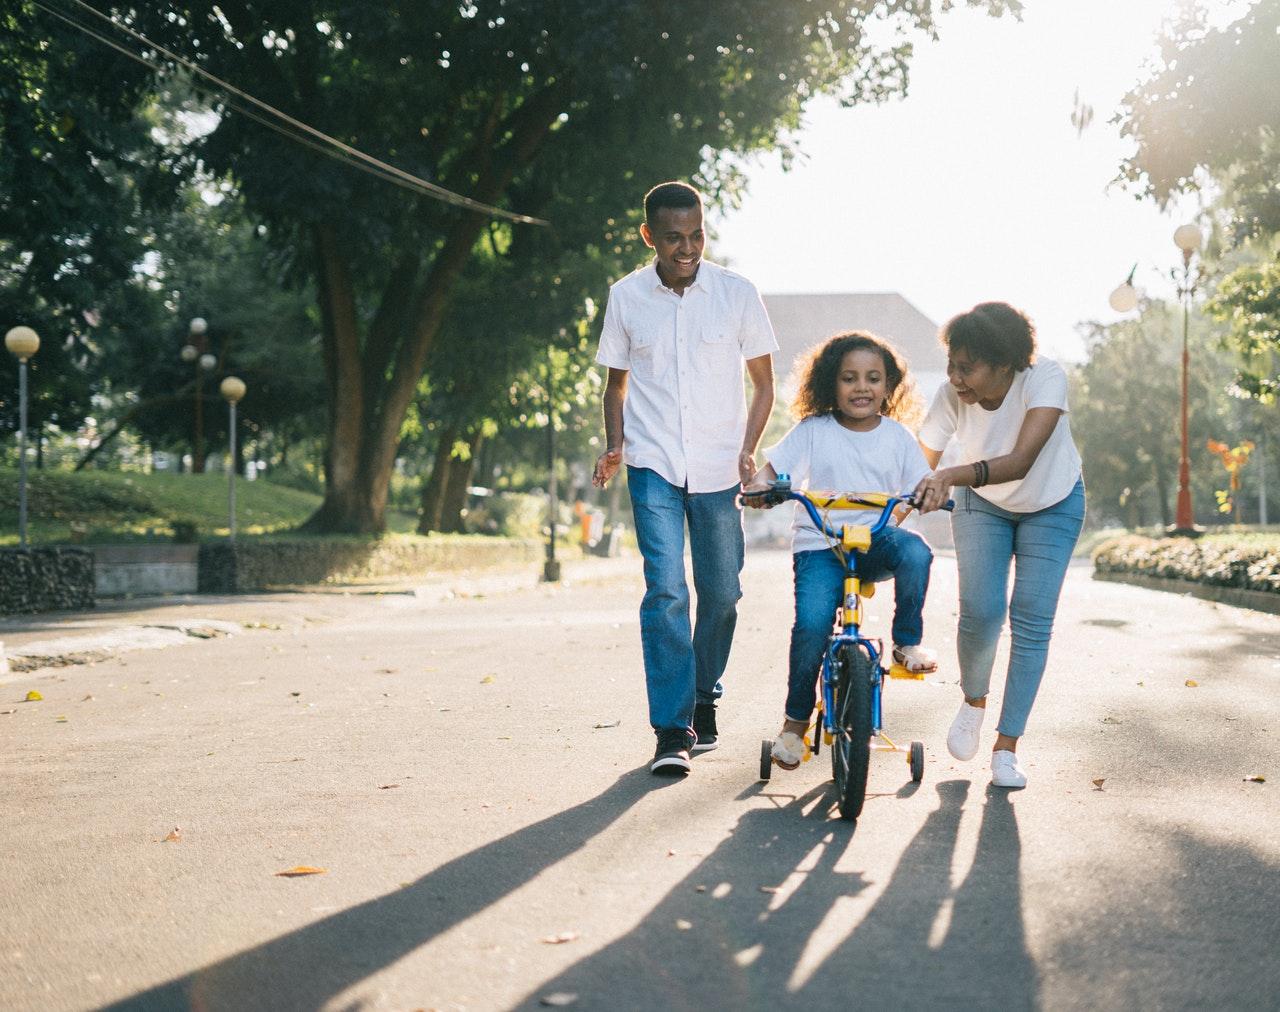 Bicicleta para el niño: ¿cómo elegir una que sea duradera y segura?